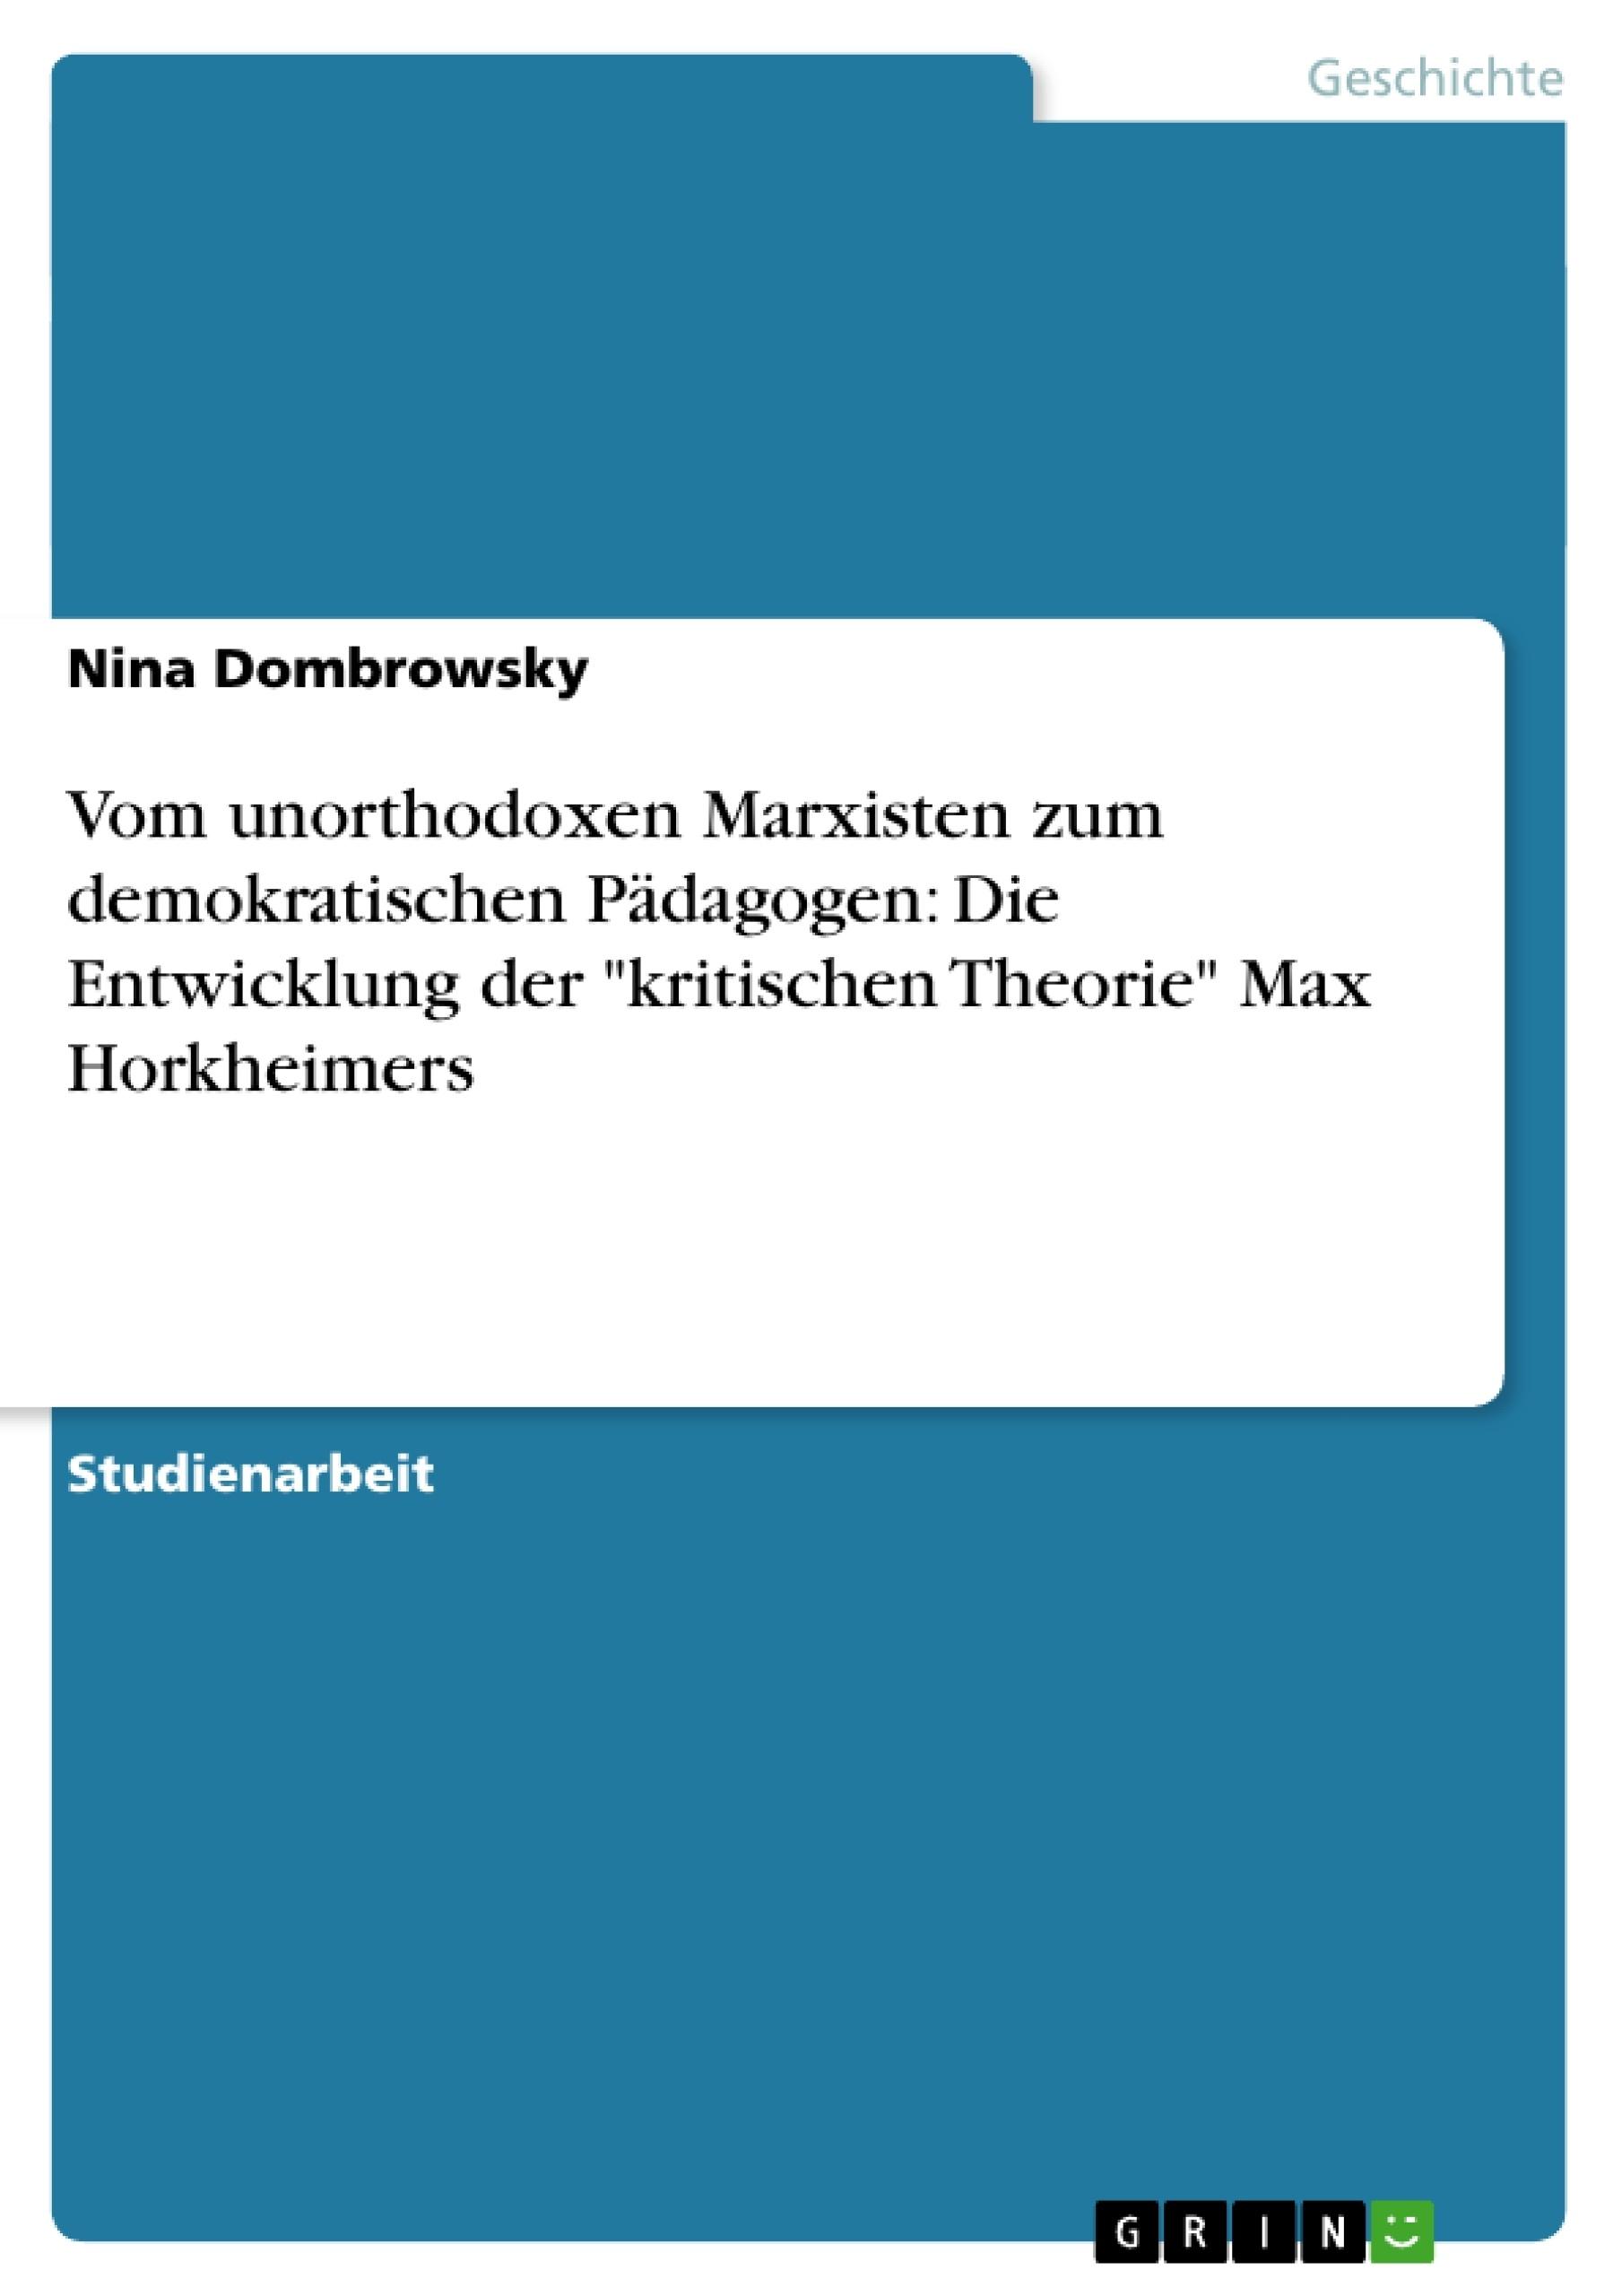 """Titel: Vom unorthodoxen Marxisten zum demokratischen Pädagogen:  Die Entwicklung der """"kritischen Theorie"""" Max Horkheimers"""